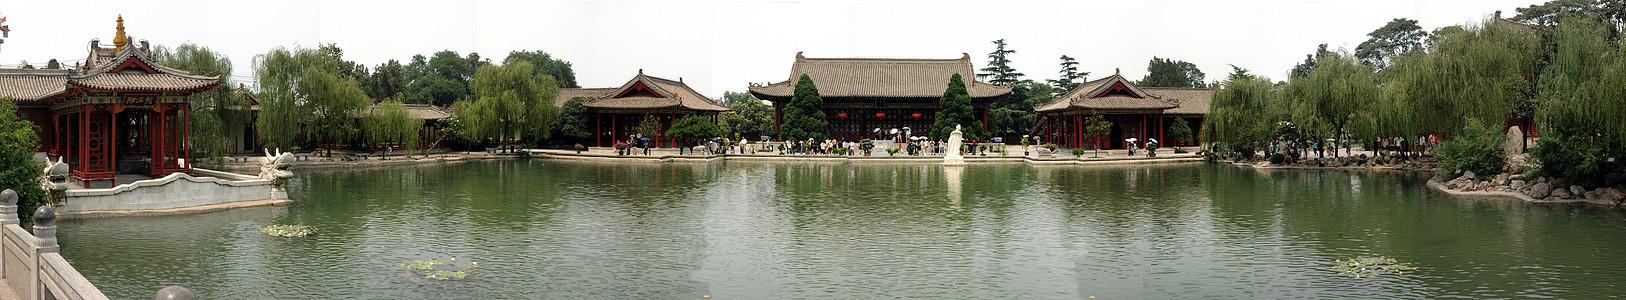 陕西西安华清池全景图片